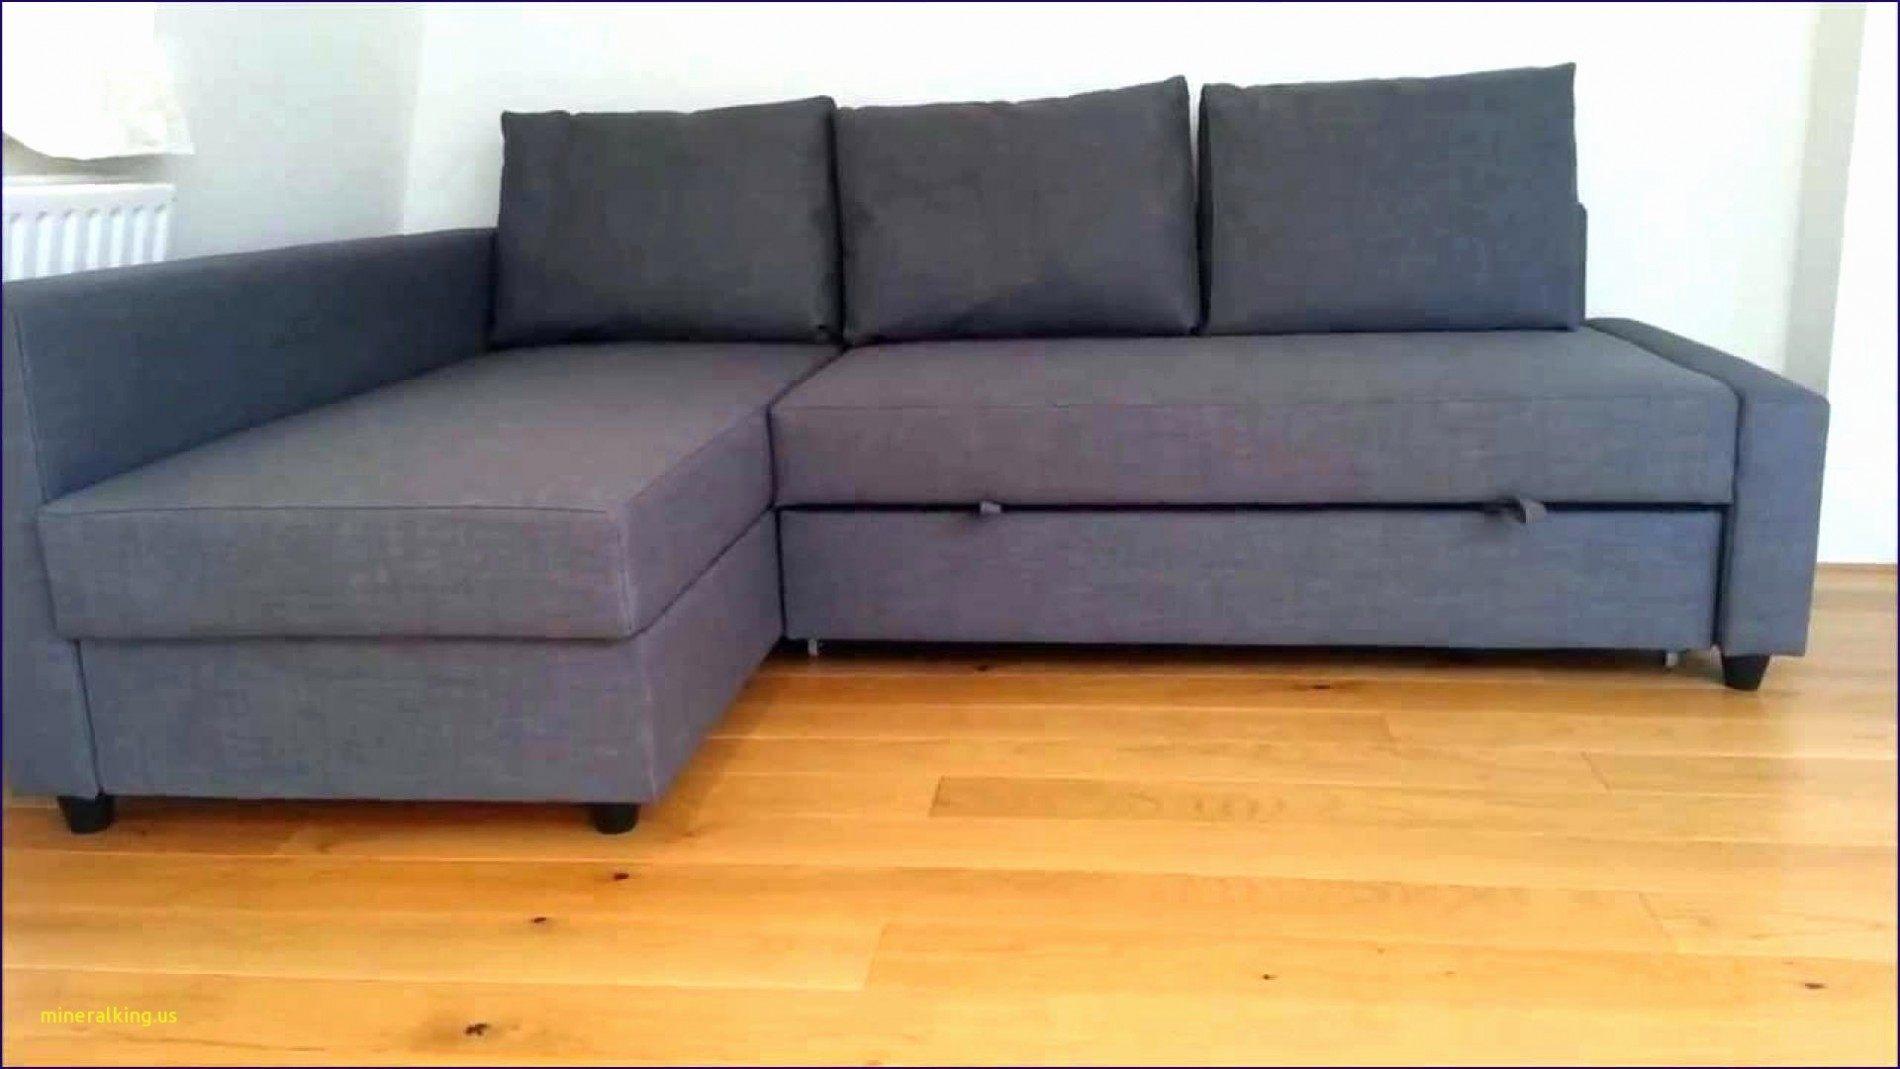 Canapé Lit Couchage Quotidien Impressionnant Quel Canapé Convertible Pour Couchage Quoti N Lesmeubles Canapé